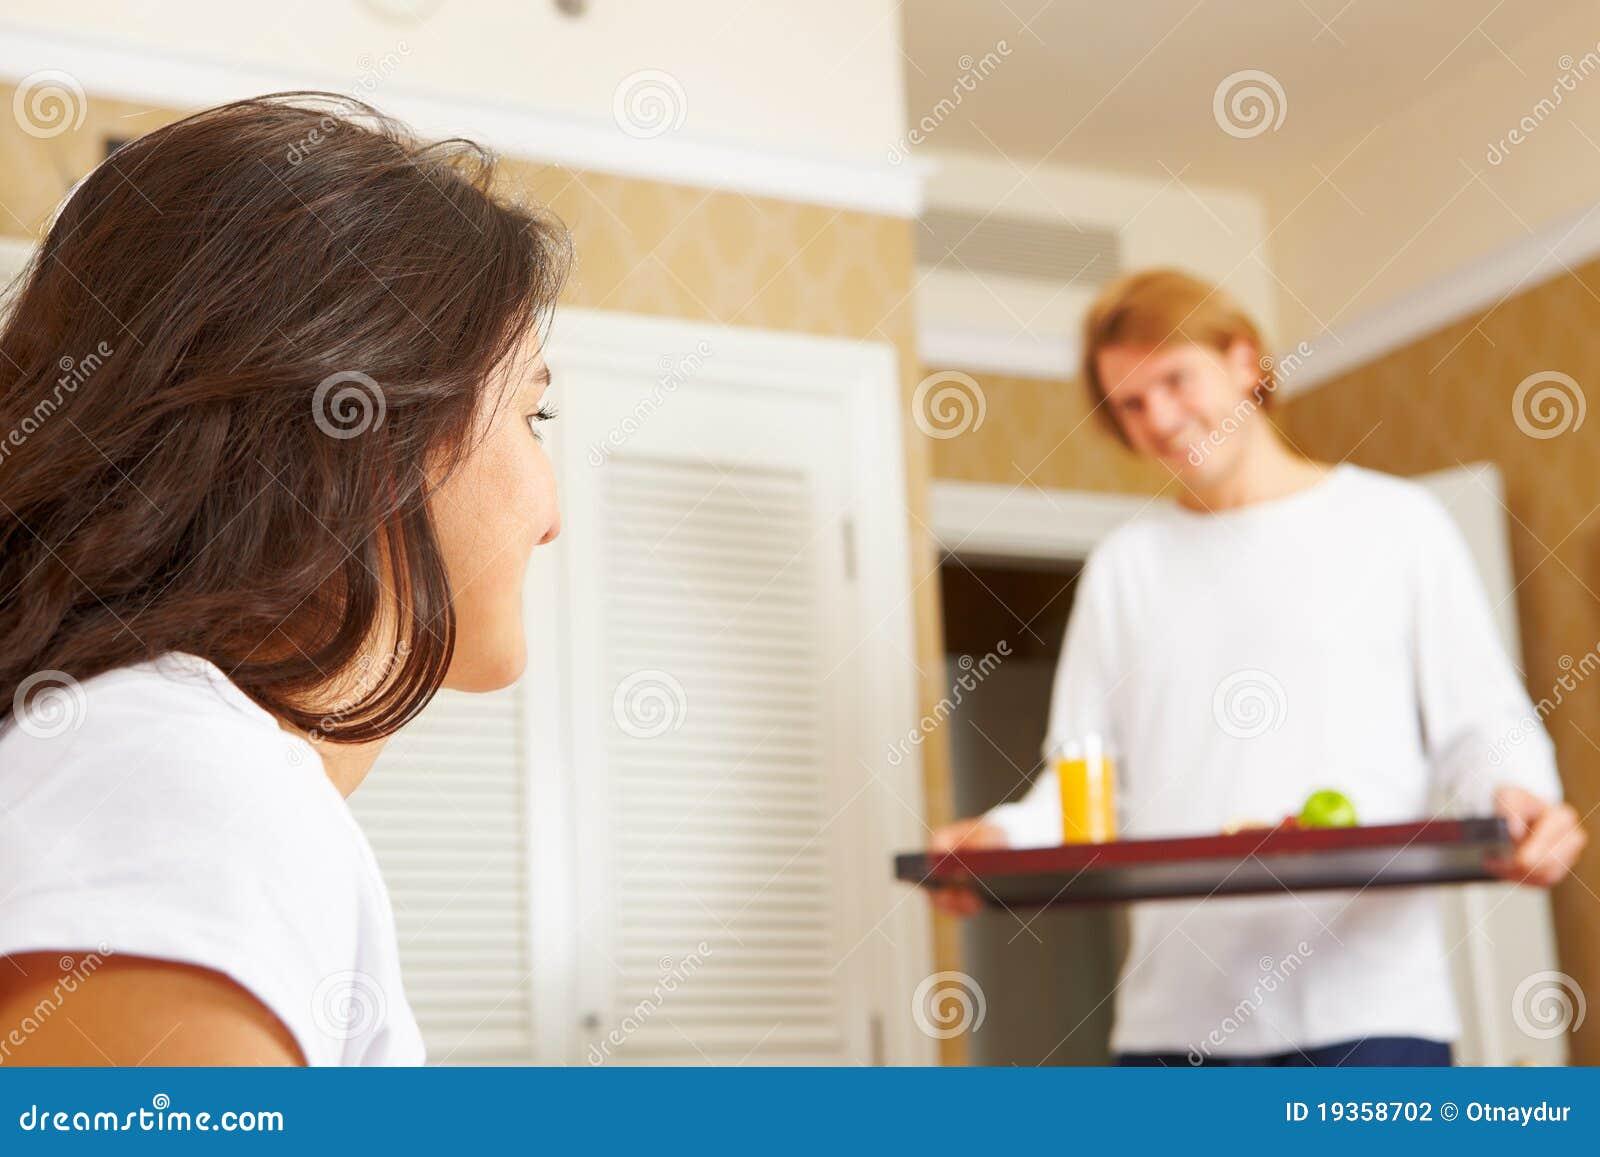 Equipe o fornecimento do pequeno almoço a seu esposo na cama